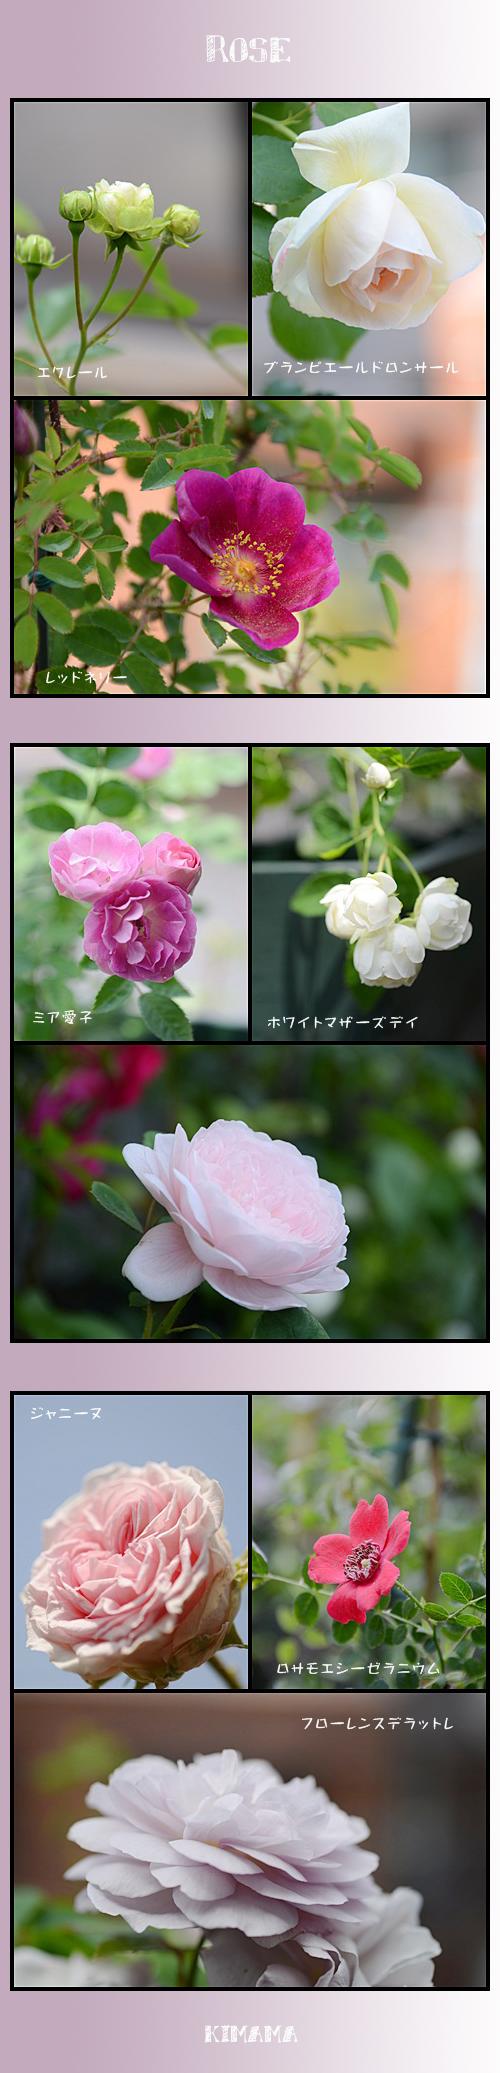 5月16日薔薇1